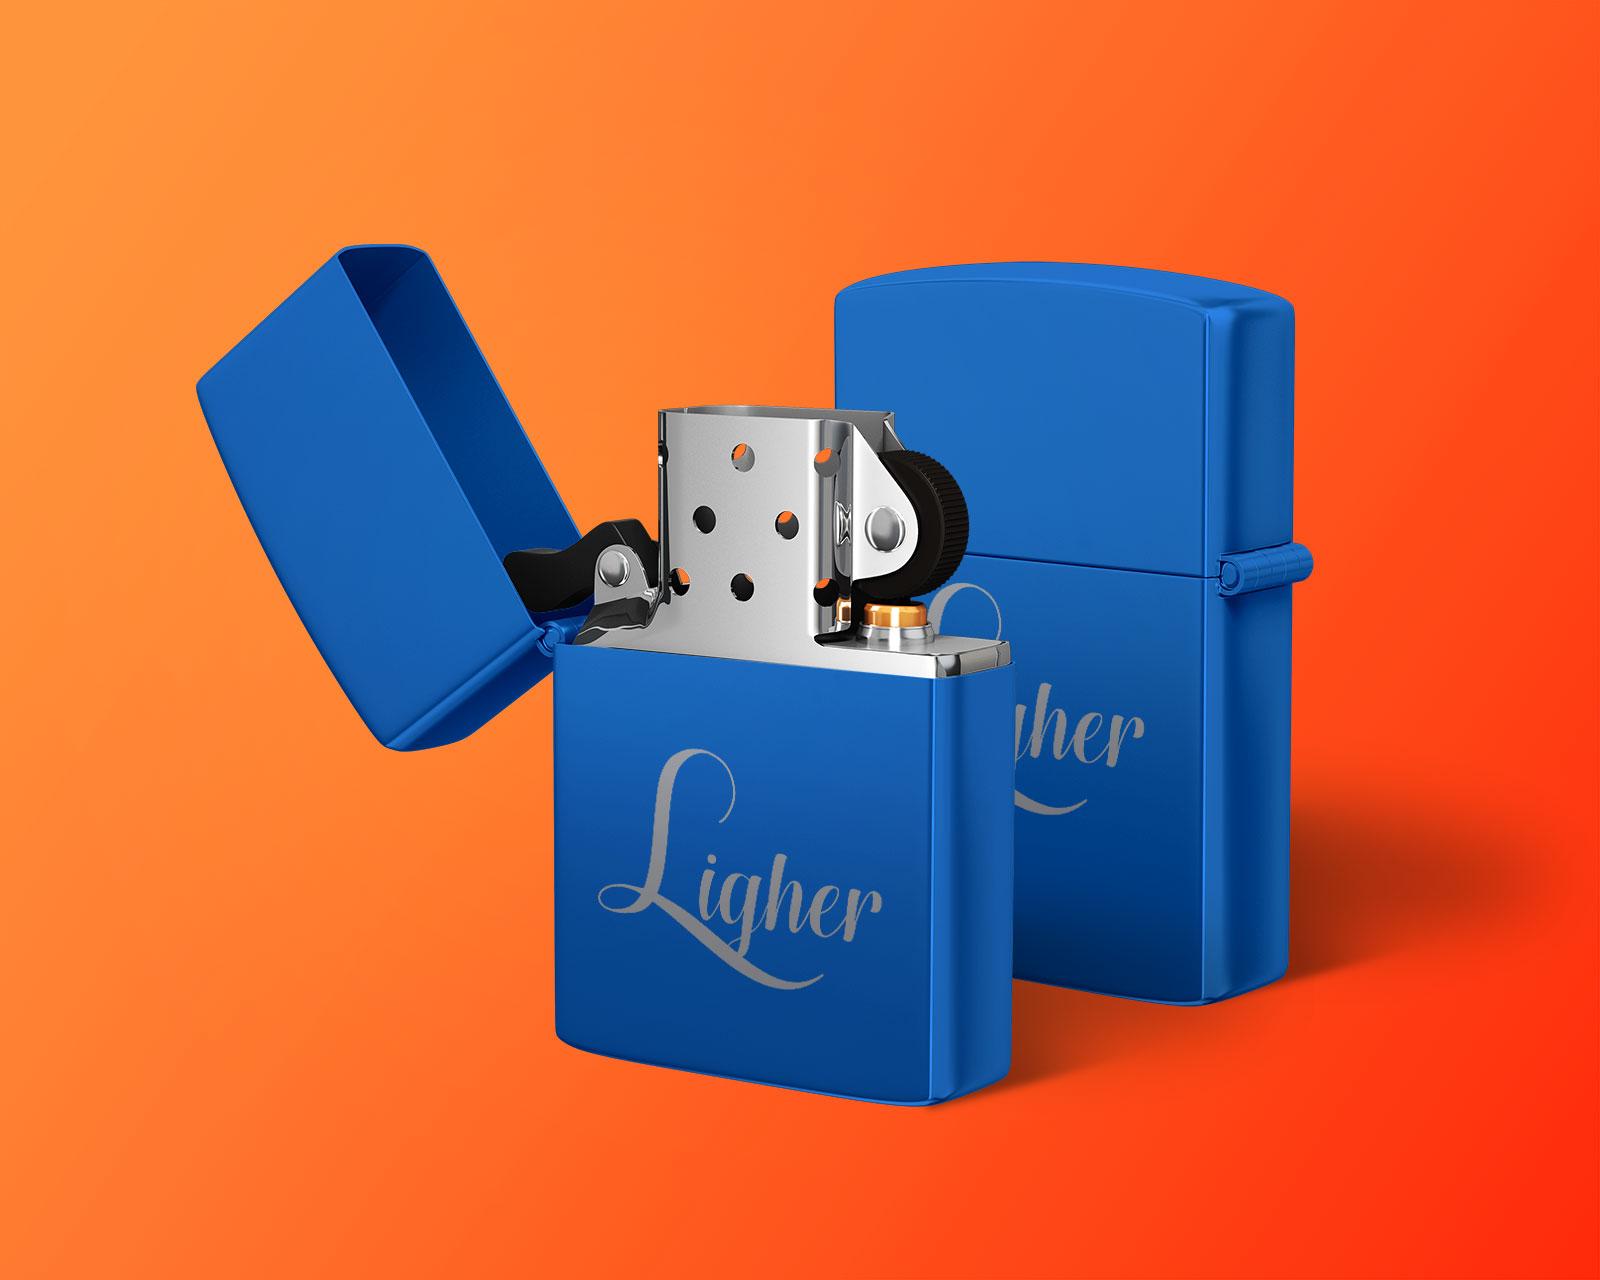 Free-Metal-Cigarette-Lighter-Mockup-PSD-File